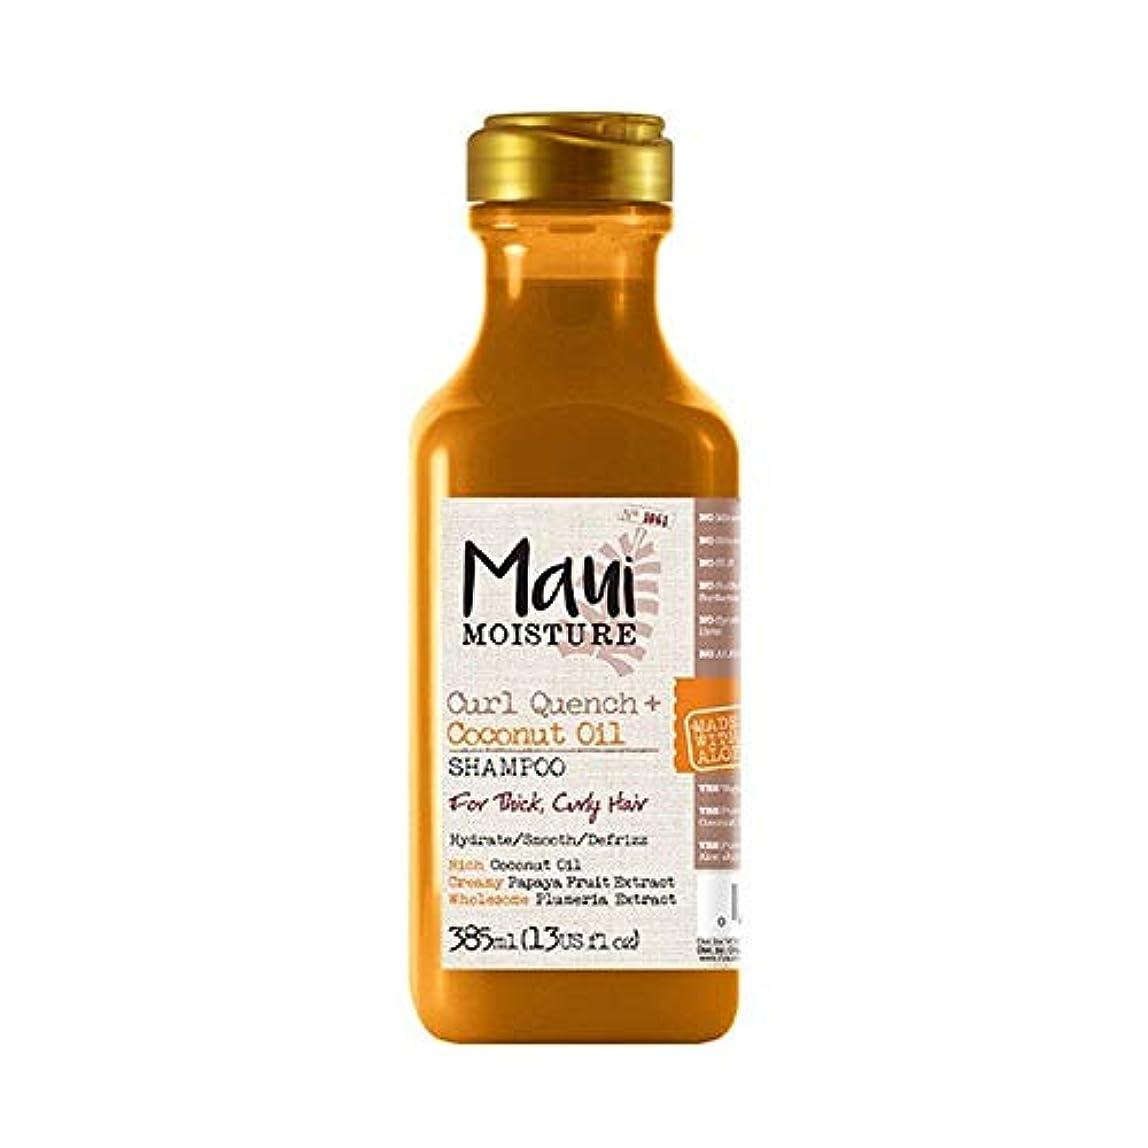 四半期フラスコ気分が悪い[Maui Moisture ] マウイ水分カールクエンチ+ココナッツオイルシャンプー - Maui Moisture Curl Quench + Coconut Oil Shampoo [並行輸入品]